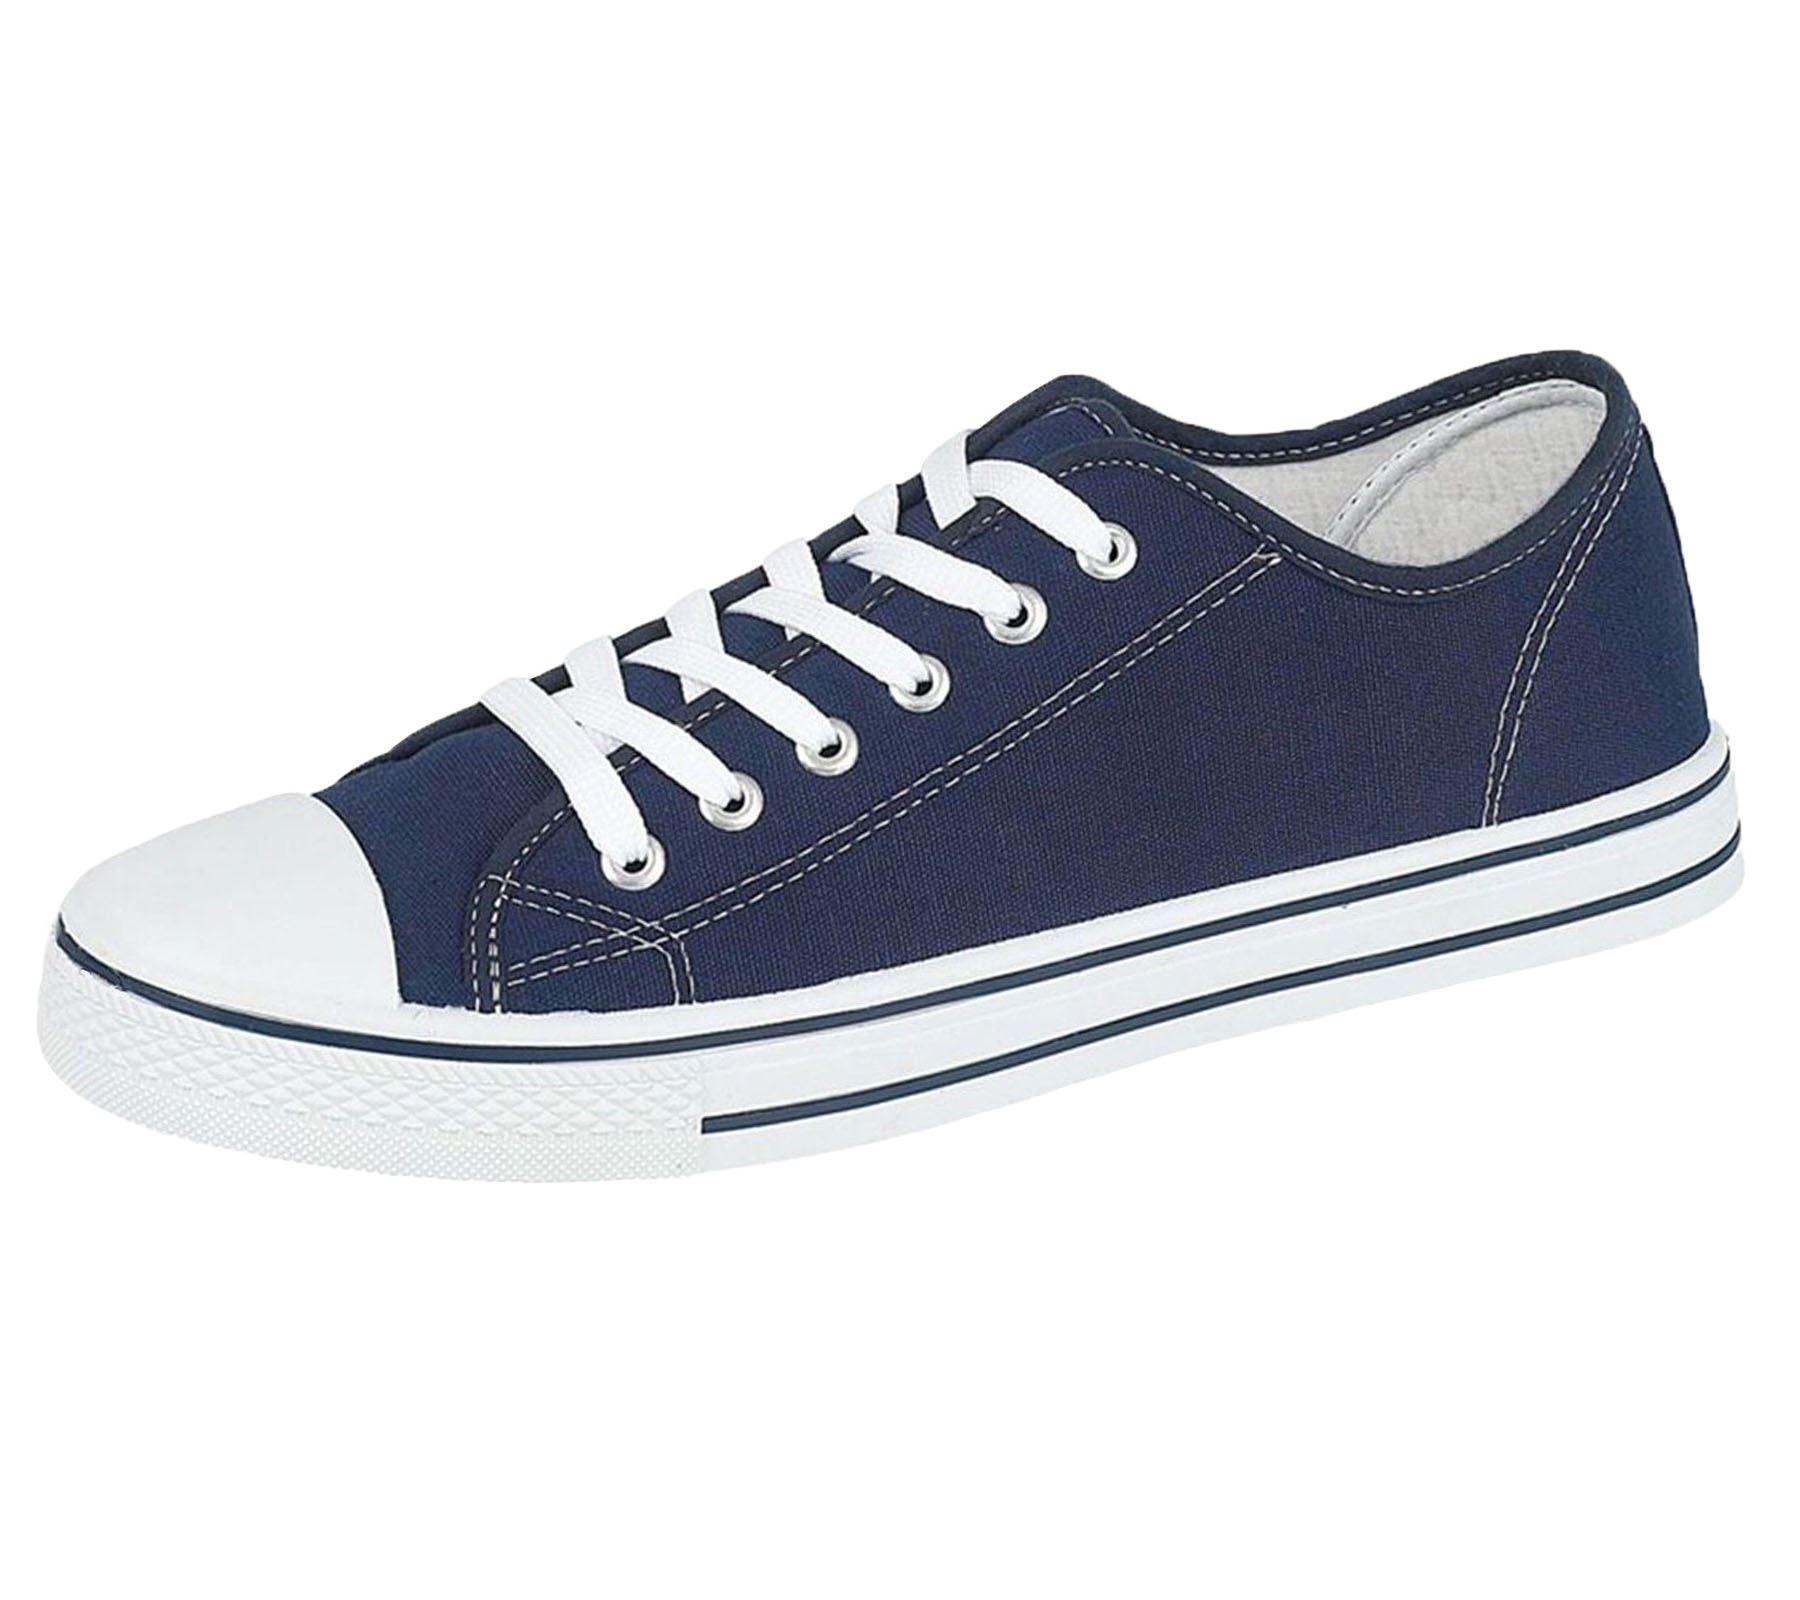 Mens-Canvas-Shoes-Plimsole-Trainer-Pumps-Lace-Up-Flat-Shoes thumbnail 22